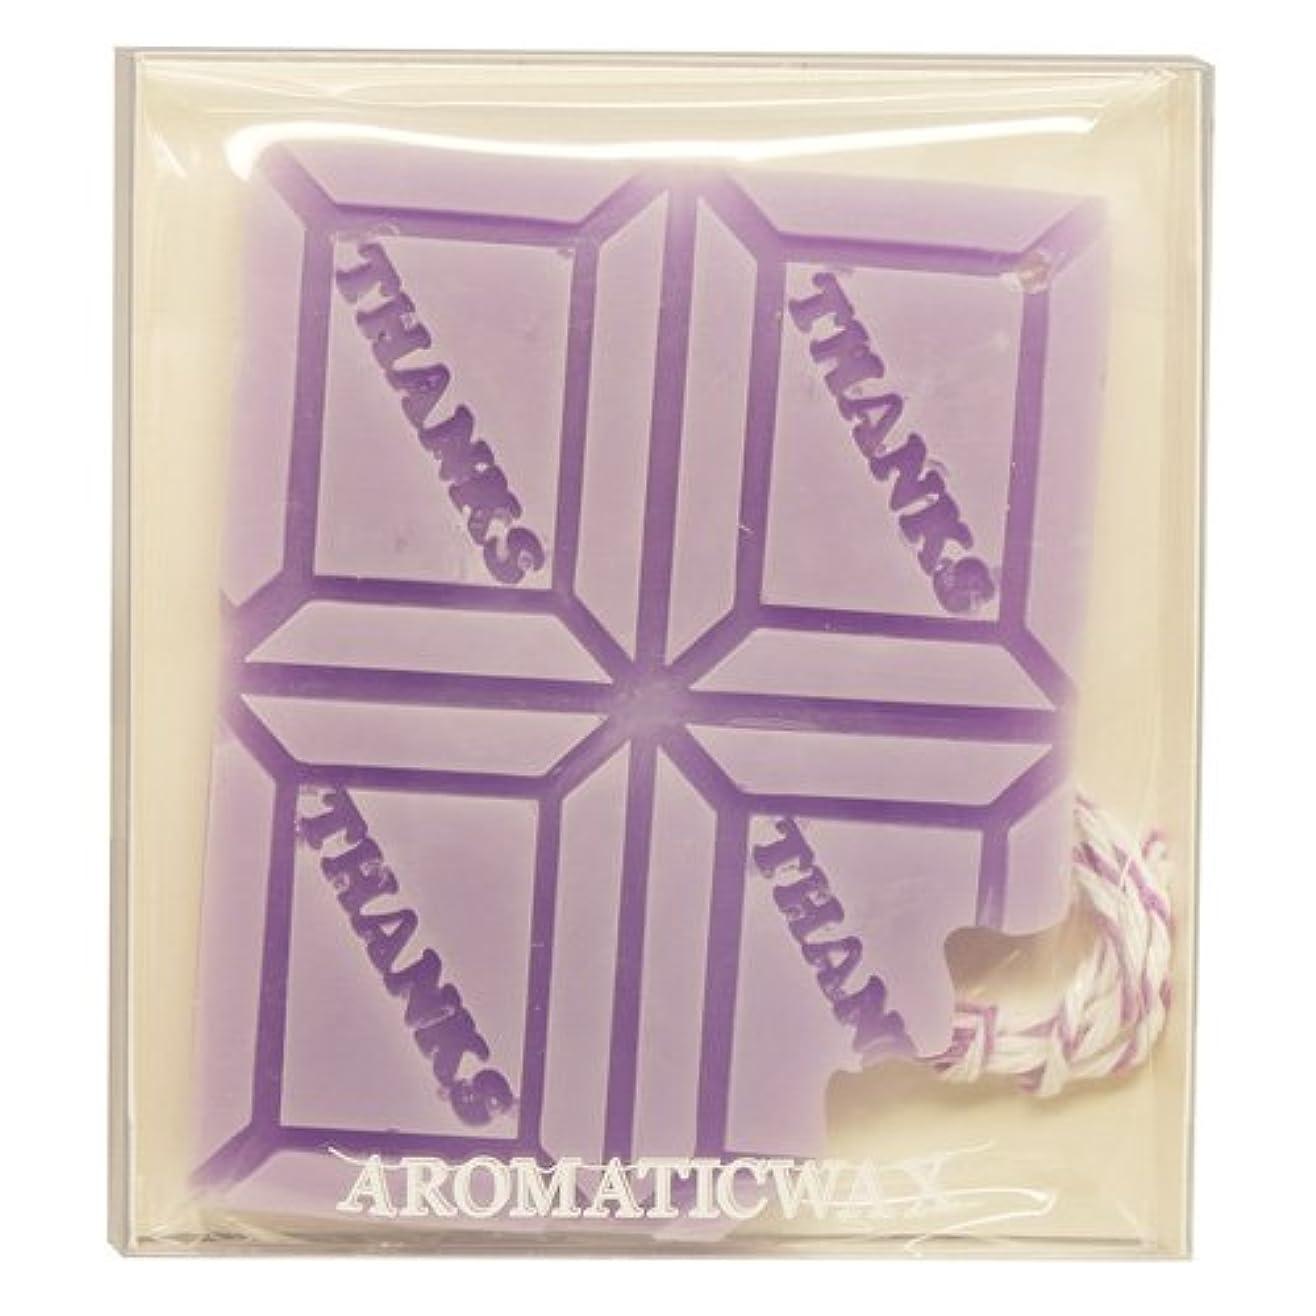 スタッフパーチナシティアラビア語GRASSE TOKYO AROMATICWAXチャーム「板チョコ(THANKS)」(PU) ラベンダー アロマティックワックス グラーストウキョウ